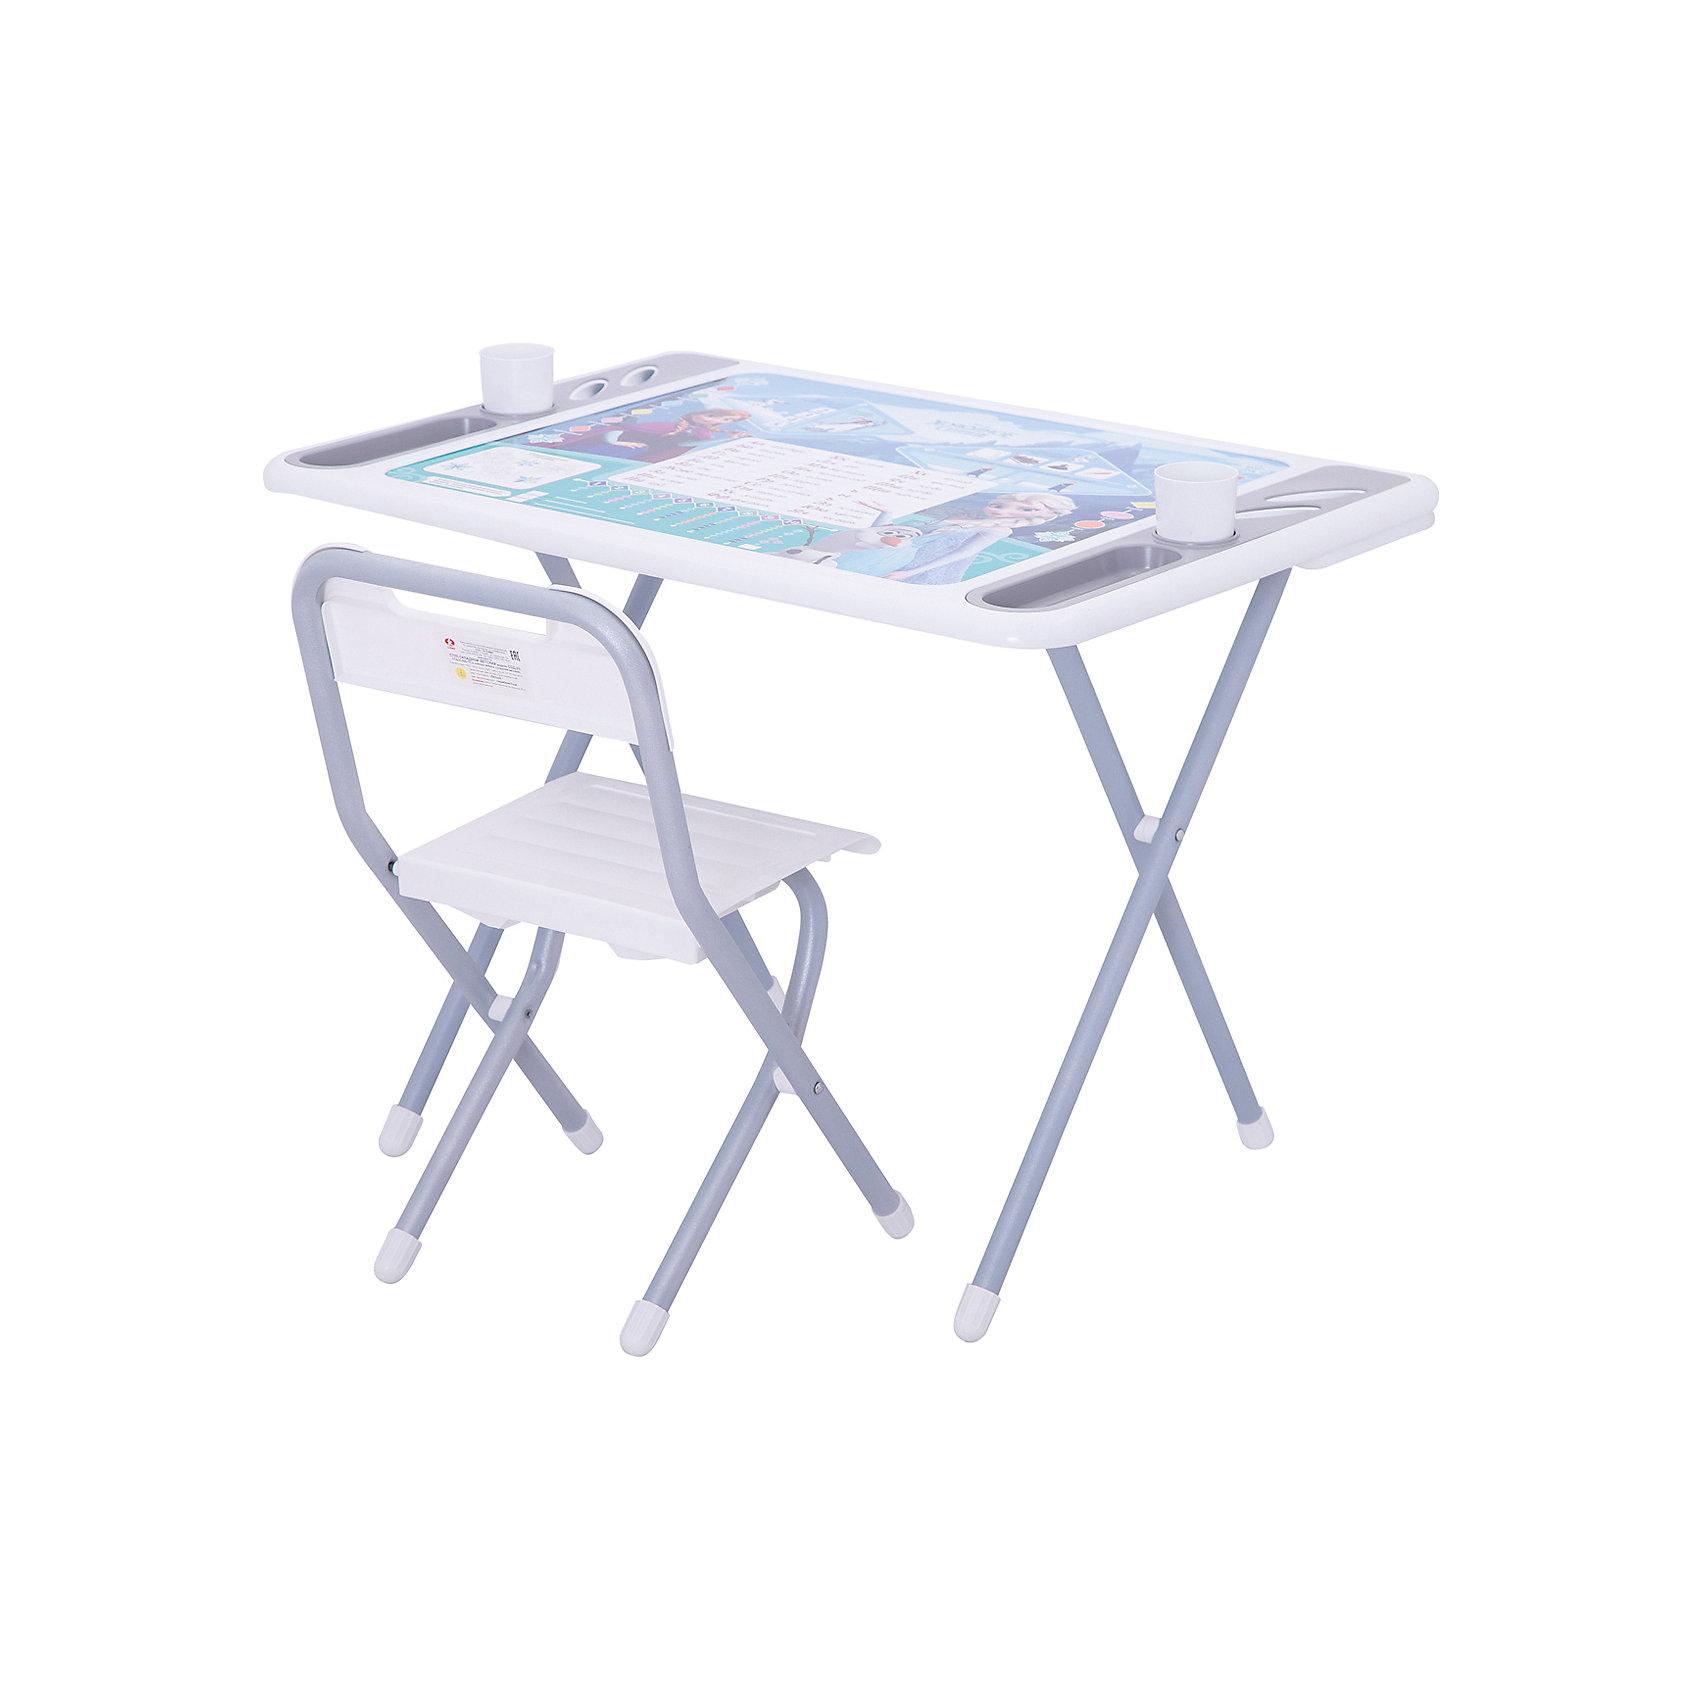 Набор складной мебели Холодное сердце, ДэмиМебель<br>Набор складной мебели Холодное сердце, Дэми.<br><br>Характеристики:<br><br>• Для детей в возрасте: от 3 до 7 лет<br>• В комплекте: складной стол и стульчик<br>• Материал: прочный пластик, металл<br>• Высота стола: 58 см.<br>• Размер упаковки: 82х79х14 см.<br>• Вес: 10,2 кг.<br><br>Комплект складной мебели 3 ростовой группы (для детей 3-7 лет) прекрасно впишется в интерьер любой детской. Стол, фактически, представляет собой 3 в 1: можно играть, можно есть, можно обучаться! На поверхность столешницы нанесены обучающие рисунки и любимые персонажи мультсериала Холодное сердце. Ваш ребенок выучит алфавит и цифры от 1 до 10, познакомится с цветами и геометрическими фигурами. По краям столешницы расположены органайзеры для канцелярских принадлежностей, а также пазы-держатели для стаканчиков. Все материалы, используемые при изготовлении набора, соответствуют ГОСТам, и абсолютно безопасны для здоровья Вашего малыша. Рабочая поверхность стола, сиденье и спинка стула сделаны из прочной пластмассы, края закруглены. Устойчивые металлические ножки имеют пластмассовые заглушки. Кроме этого, за мебелью очень легко ухаживать. Вы сможете приучать ребенка к порядку с самых ранних лет. Детям наверняка очень понравится этот комплект - настоящий детский рабочий кабинет, а родители, несомненно, оценят его компактность.<br><br>Набор складной мебели Холодное сердце, Дэми можно купить в нашем интернет-магазине.<br><br>Ширина мм: 820<br>Глубина мм: 790<br>Высота мм: 140<br>Вес г: 10200<br>Возраст от месяцев: 36<br>Возраст до месяцев: 84<br>Пол: Унисекс<br>Возраст: Детский<br>SKU: 5569673